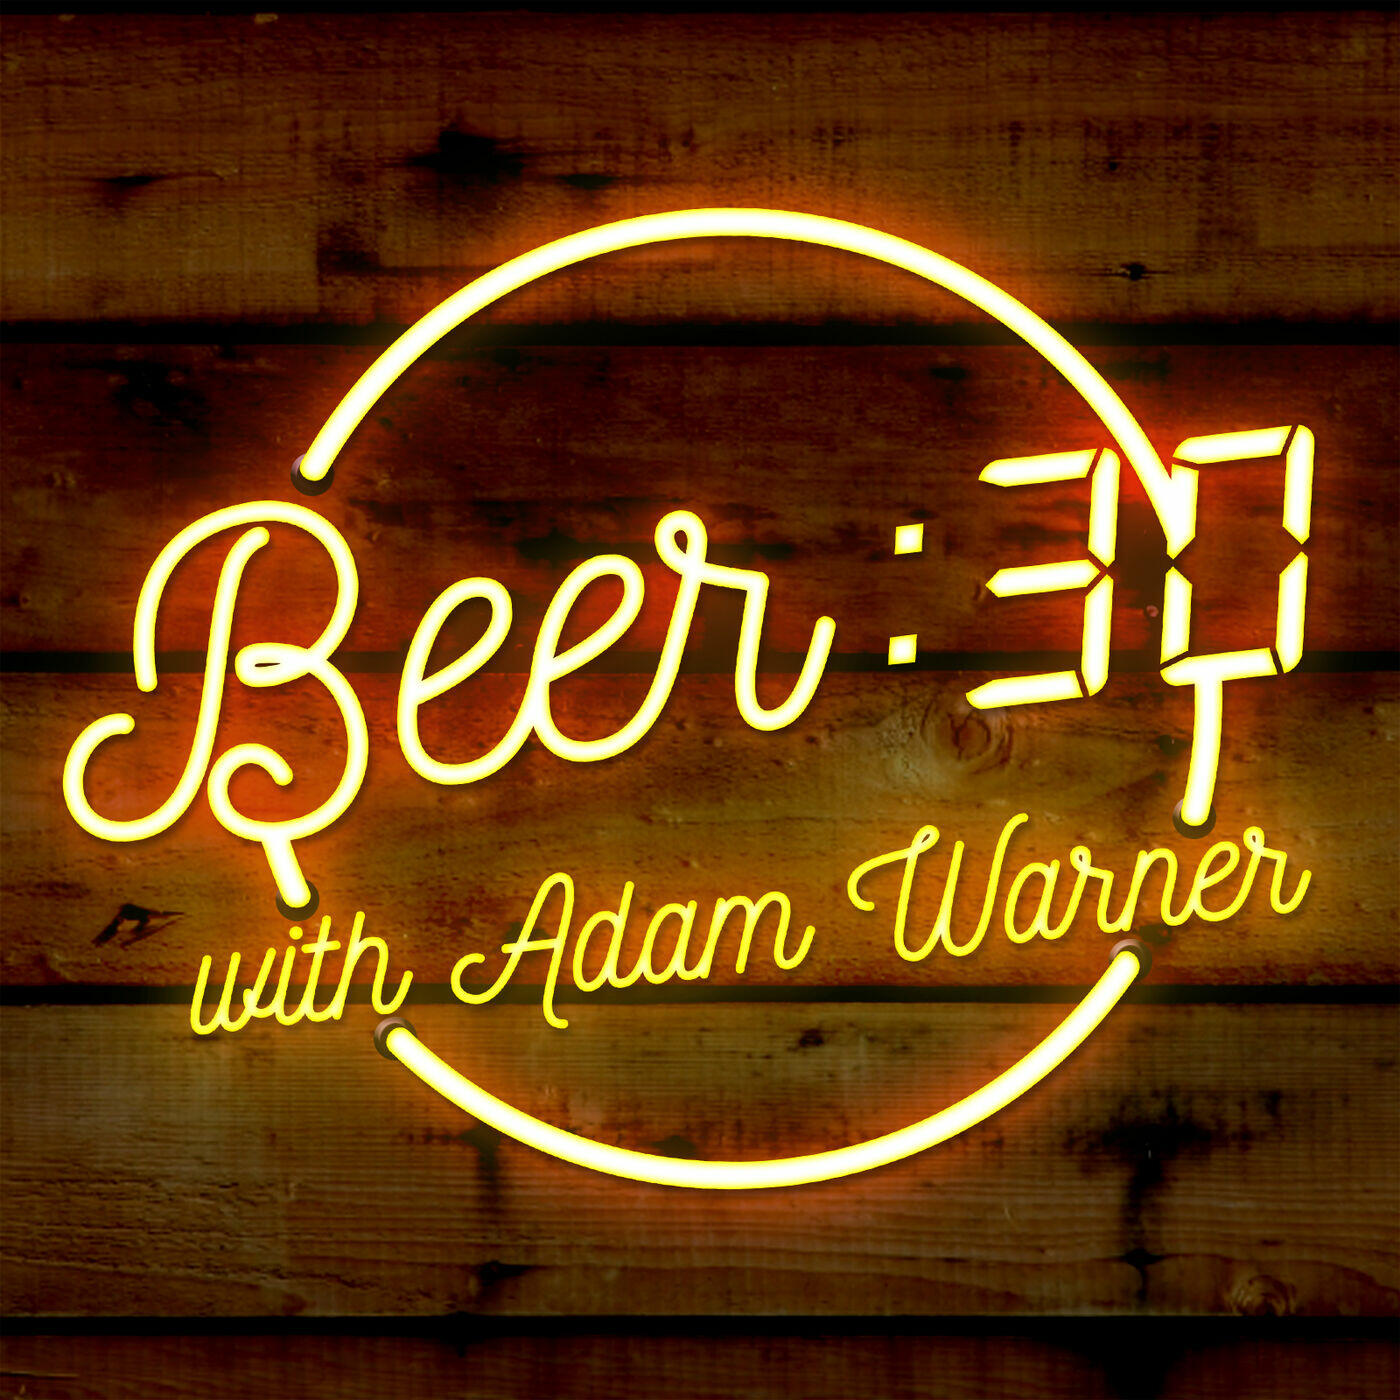 Beer:30 with Adam Warner & Friends